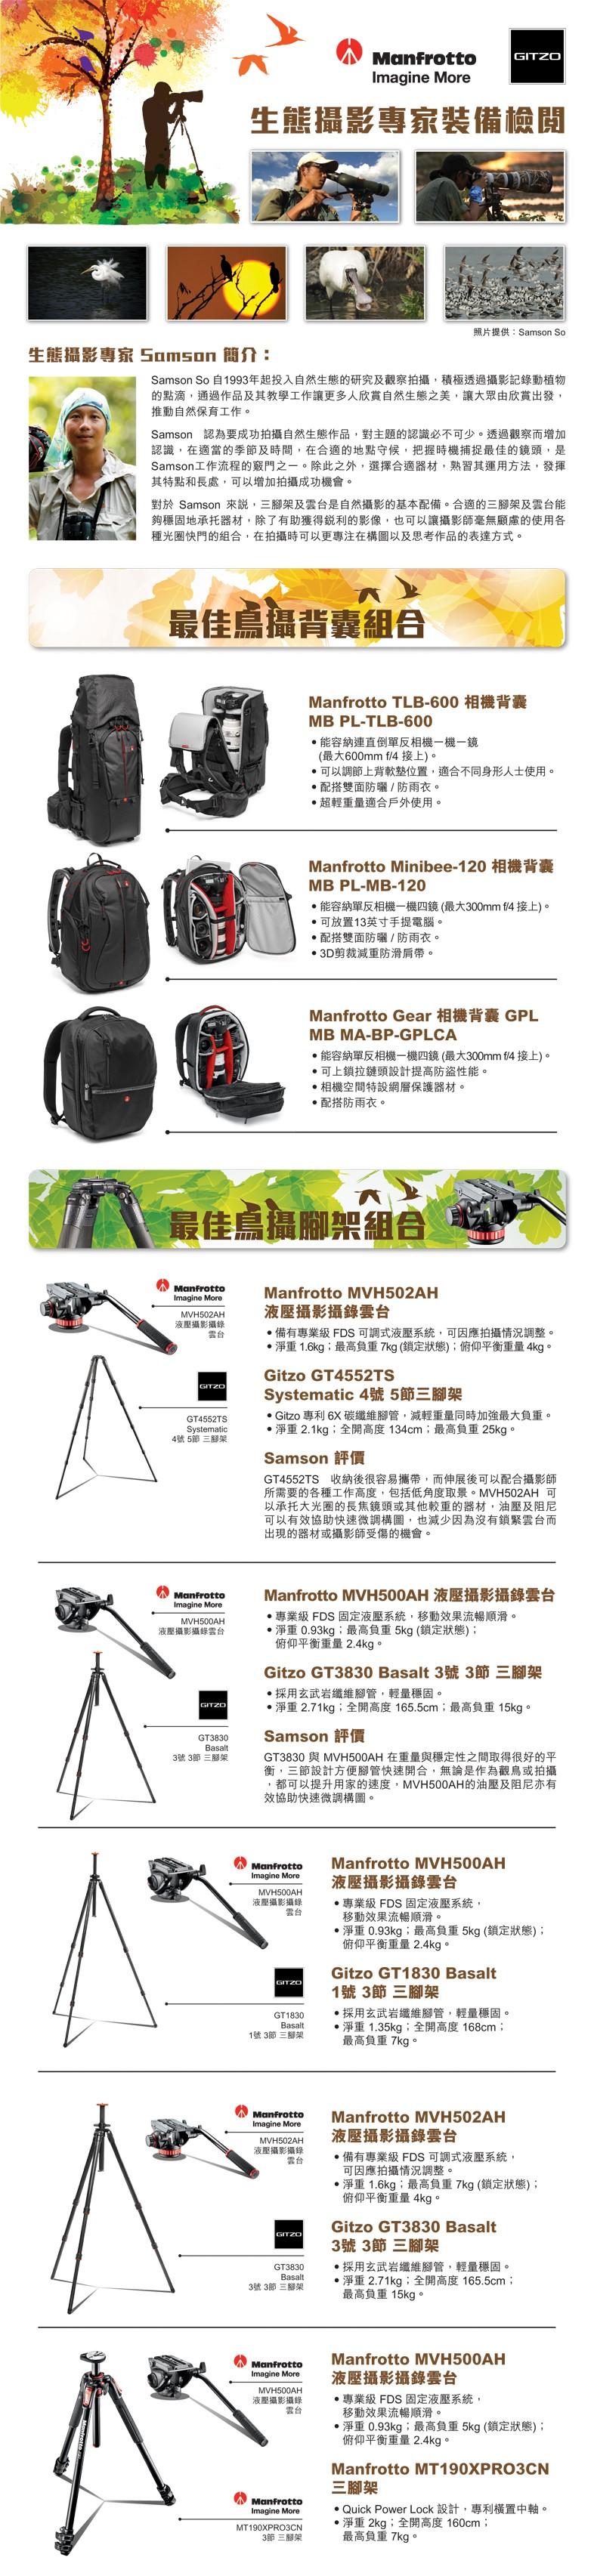 生態攝影專家裝備檢閱